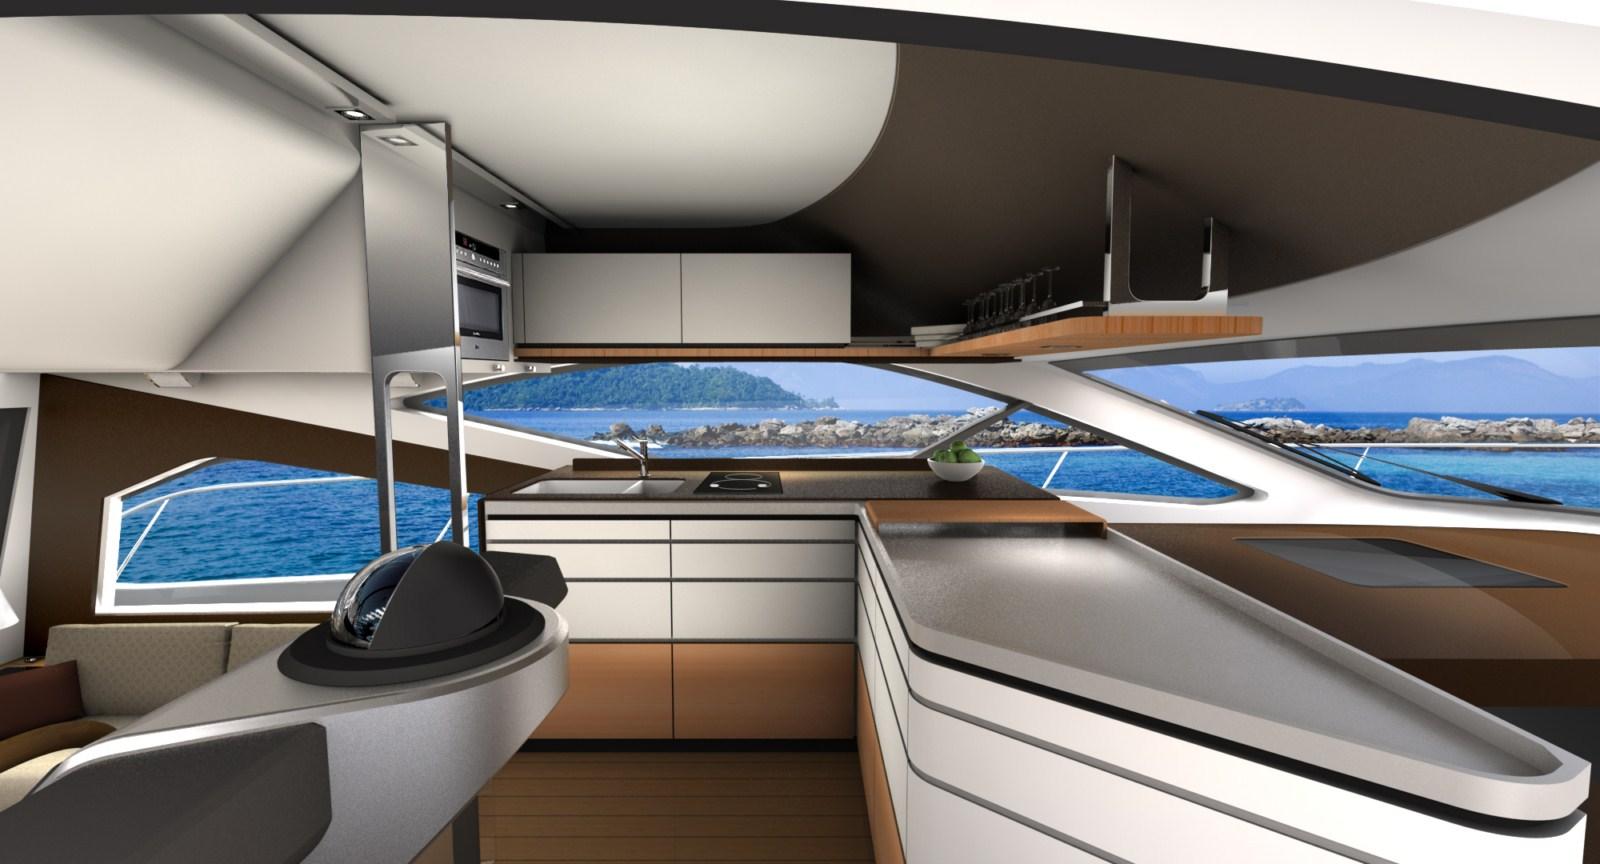 Bmw Designworks Usa Designs Intermarine 55 Luxury Yacht